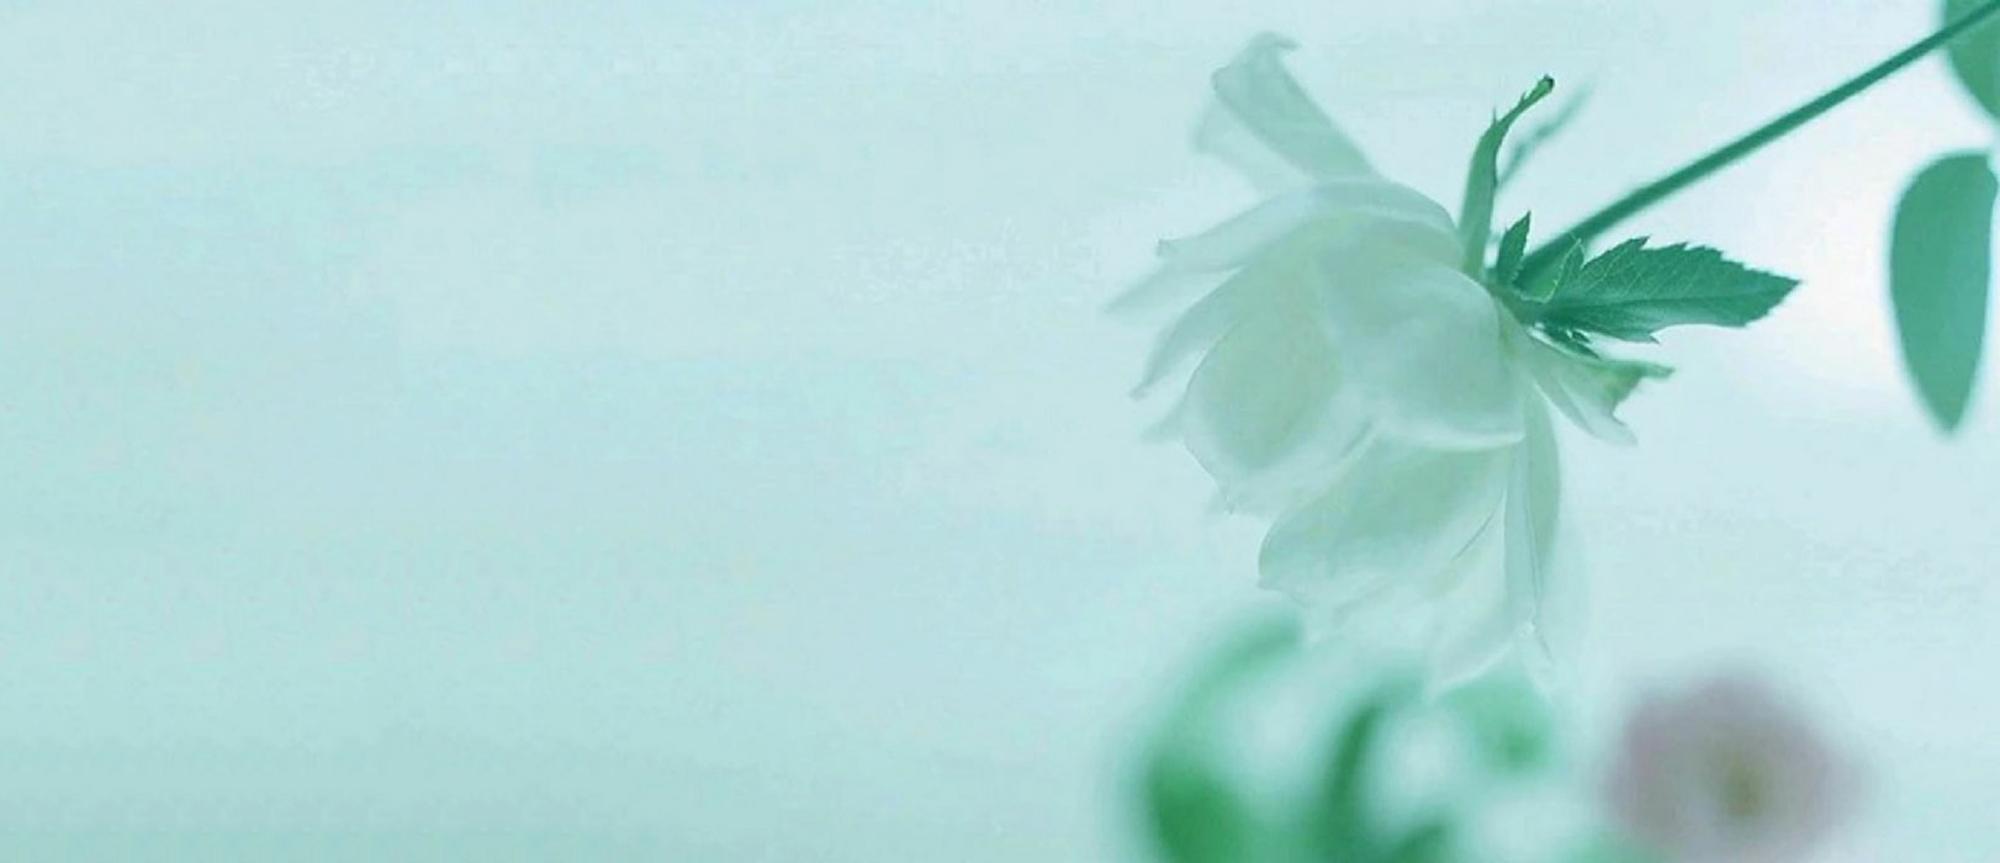 Fondos De Color Verde Agua: Textura Agua Ray Stingray Antecedentes Pescado Fondos De